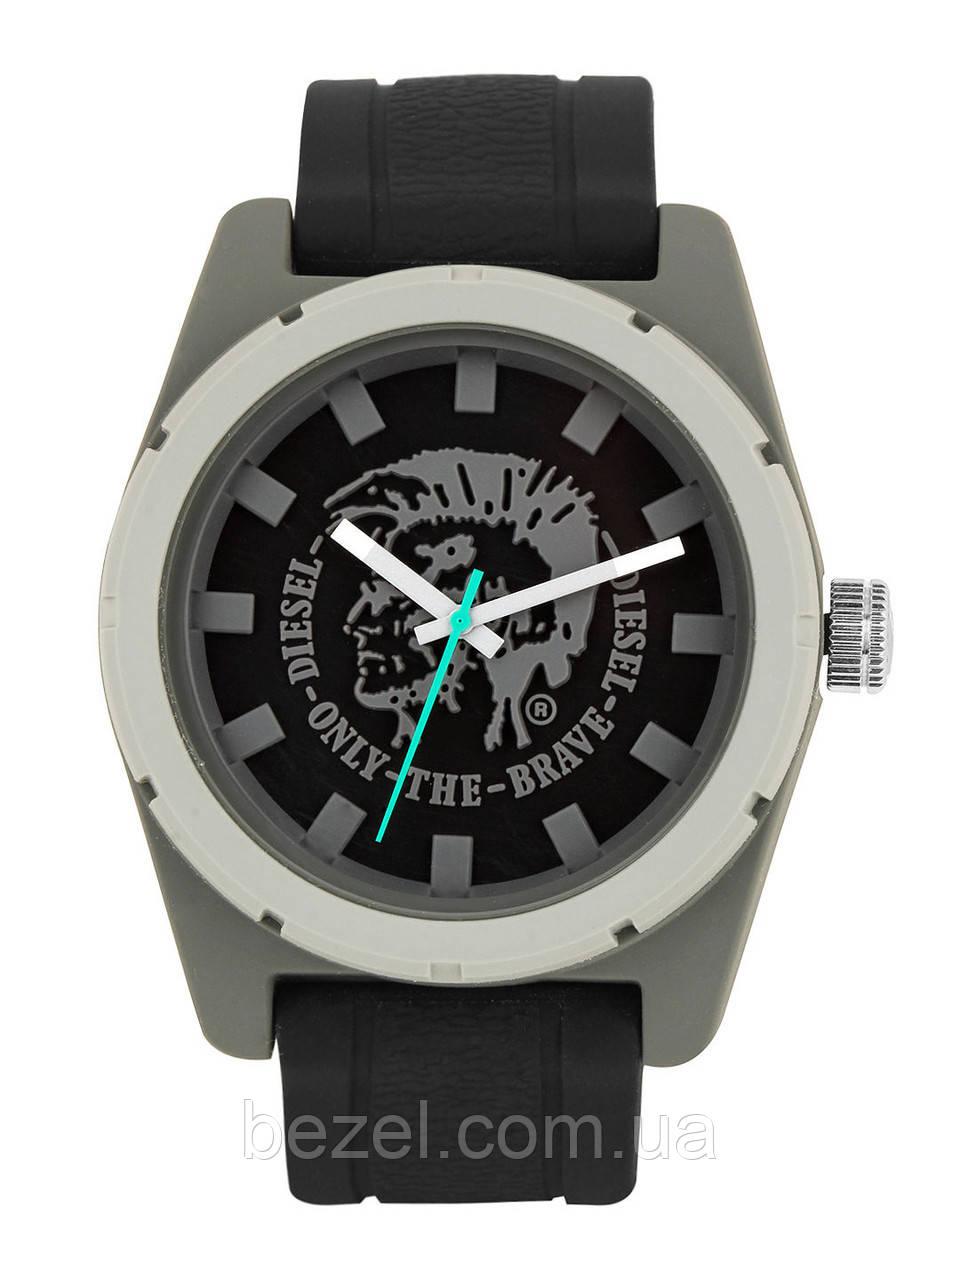 Чоловічі годинники Diesel DZ1624